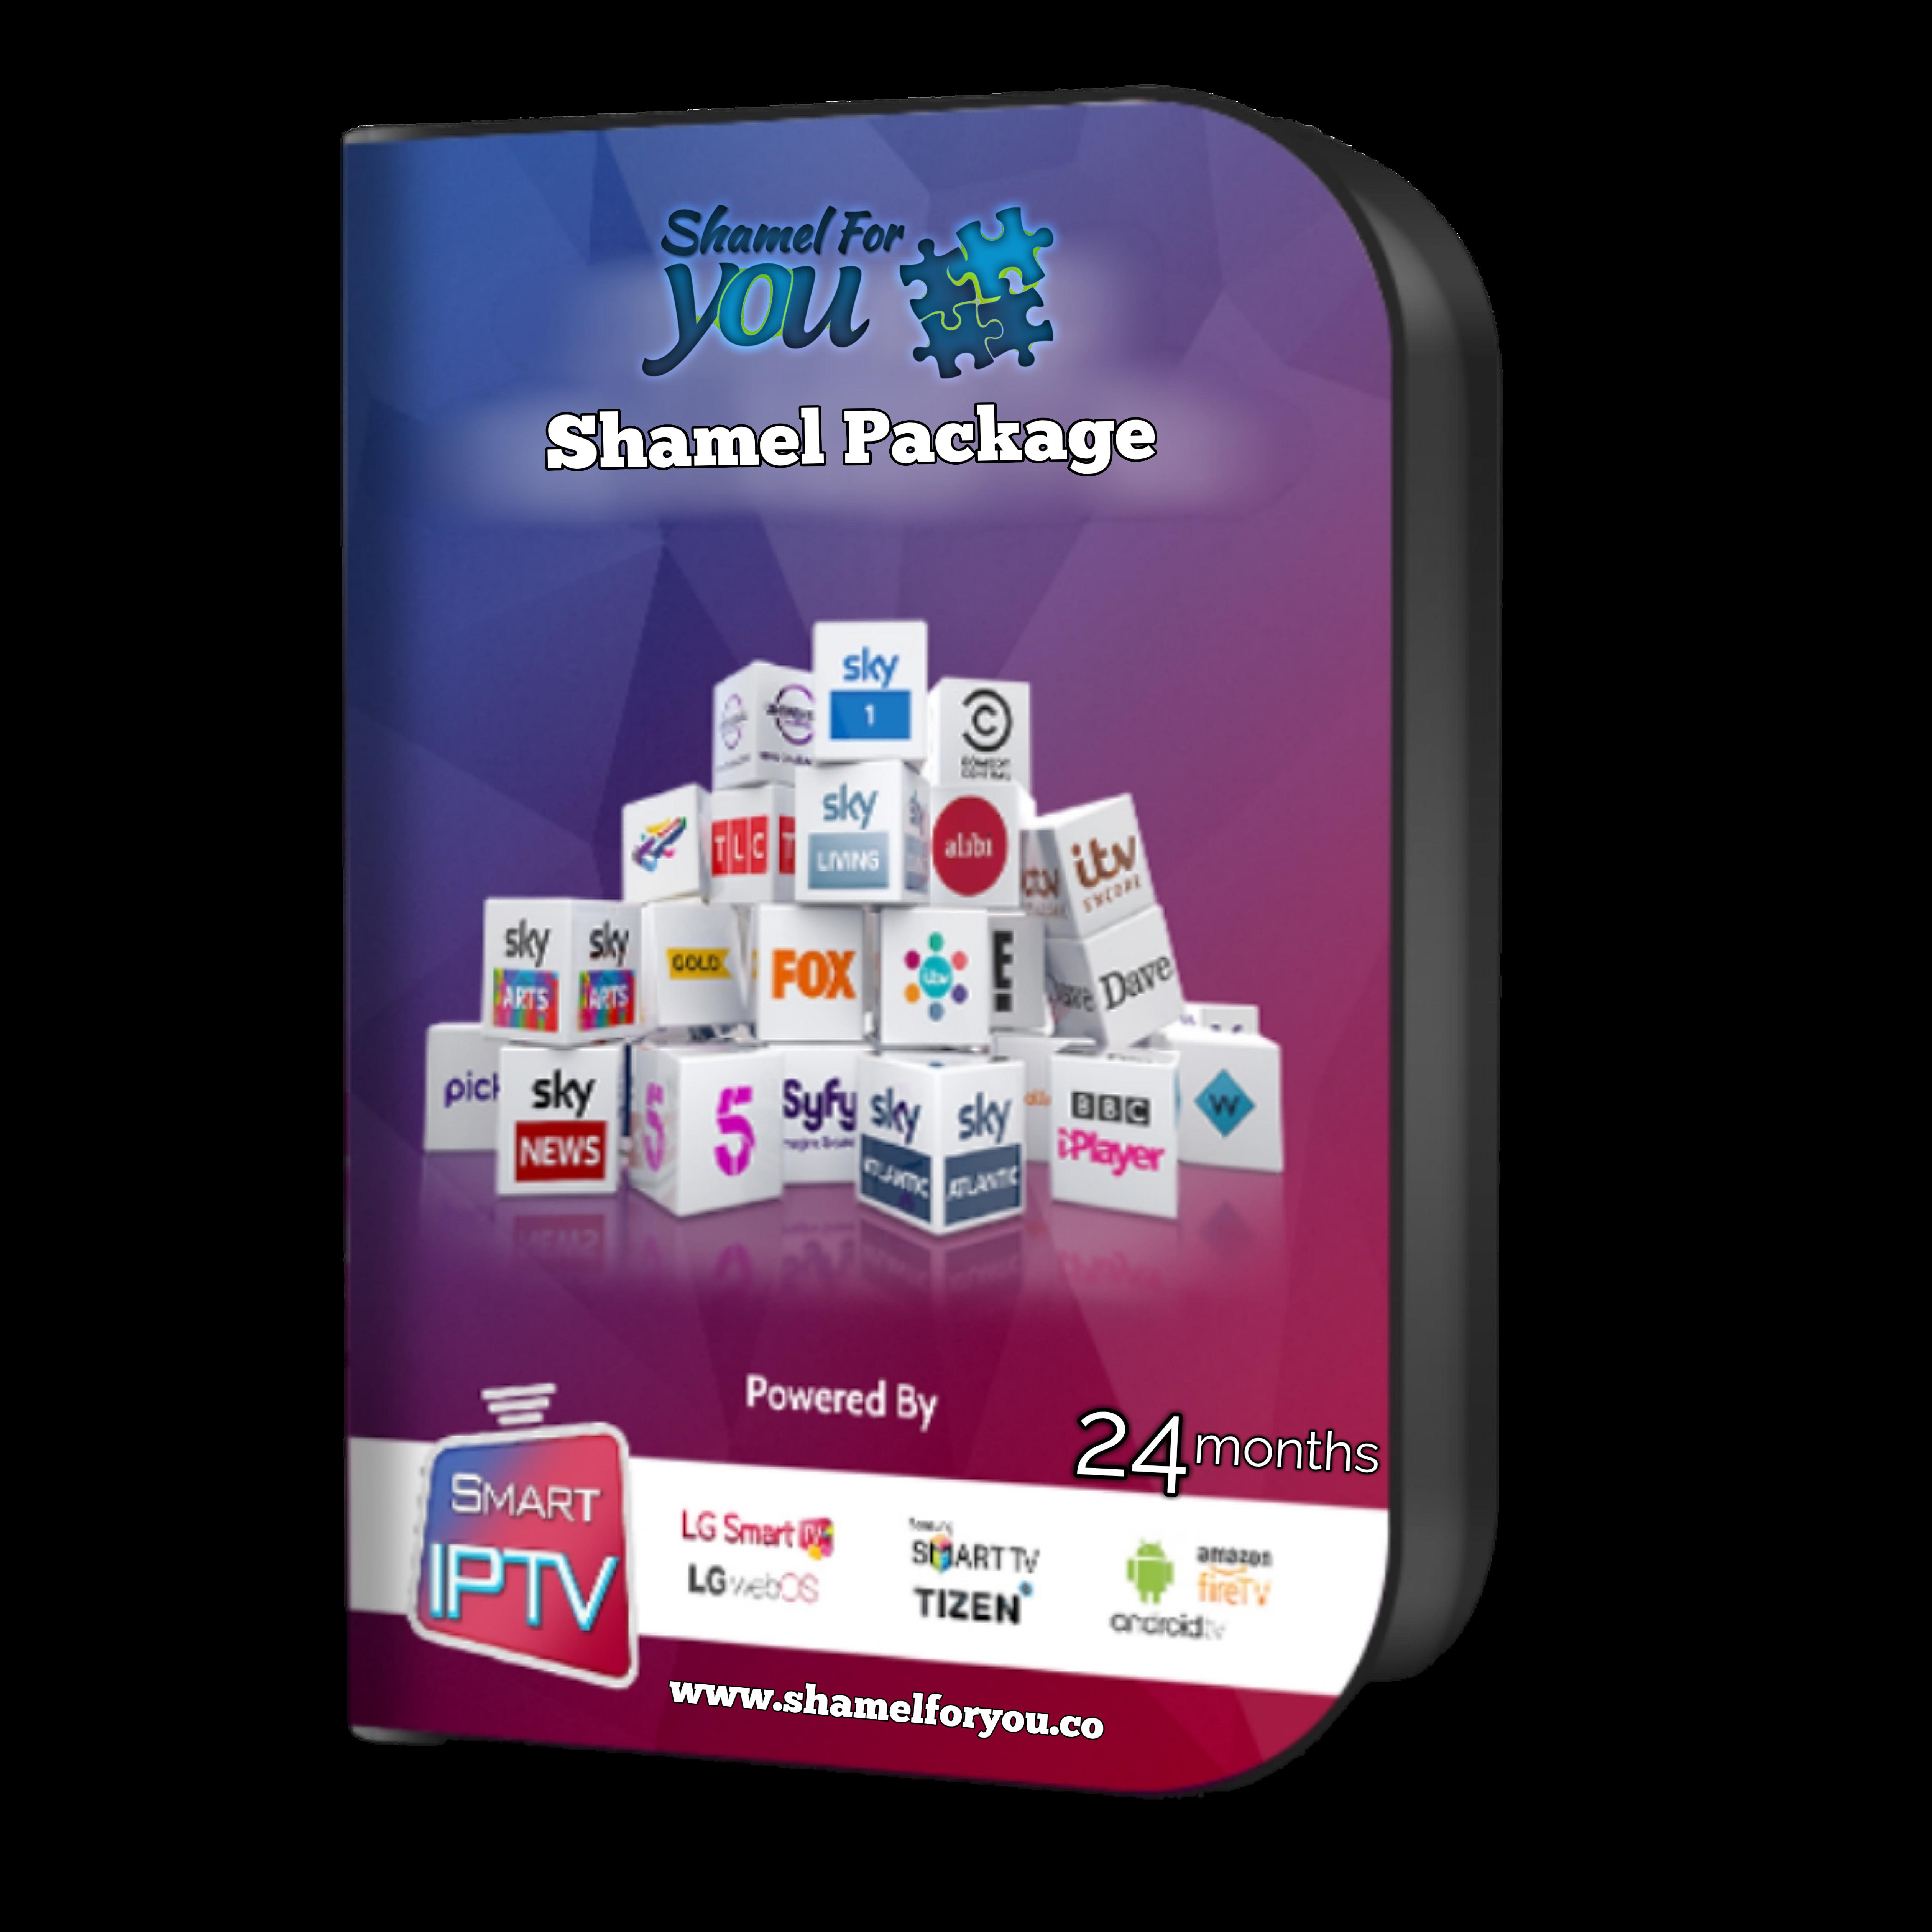 IPTV Shamel 4 You 24 months 00352